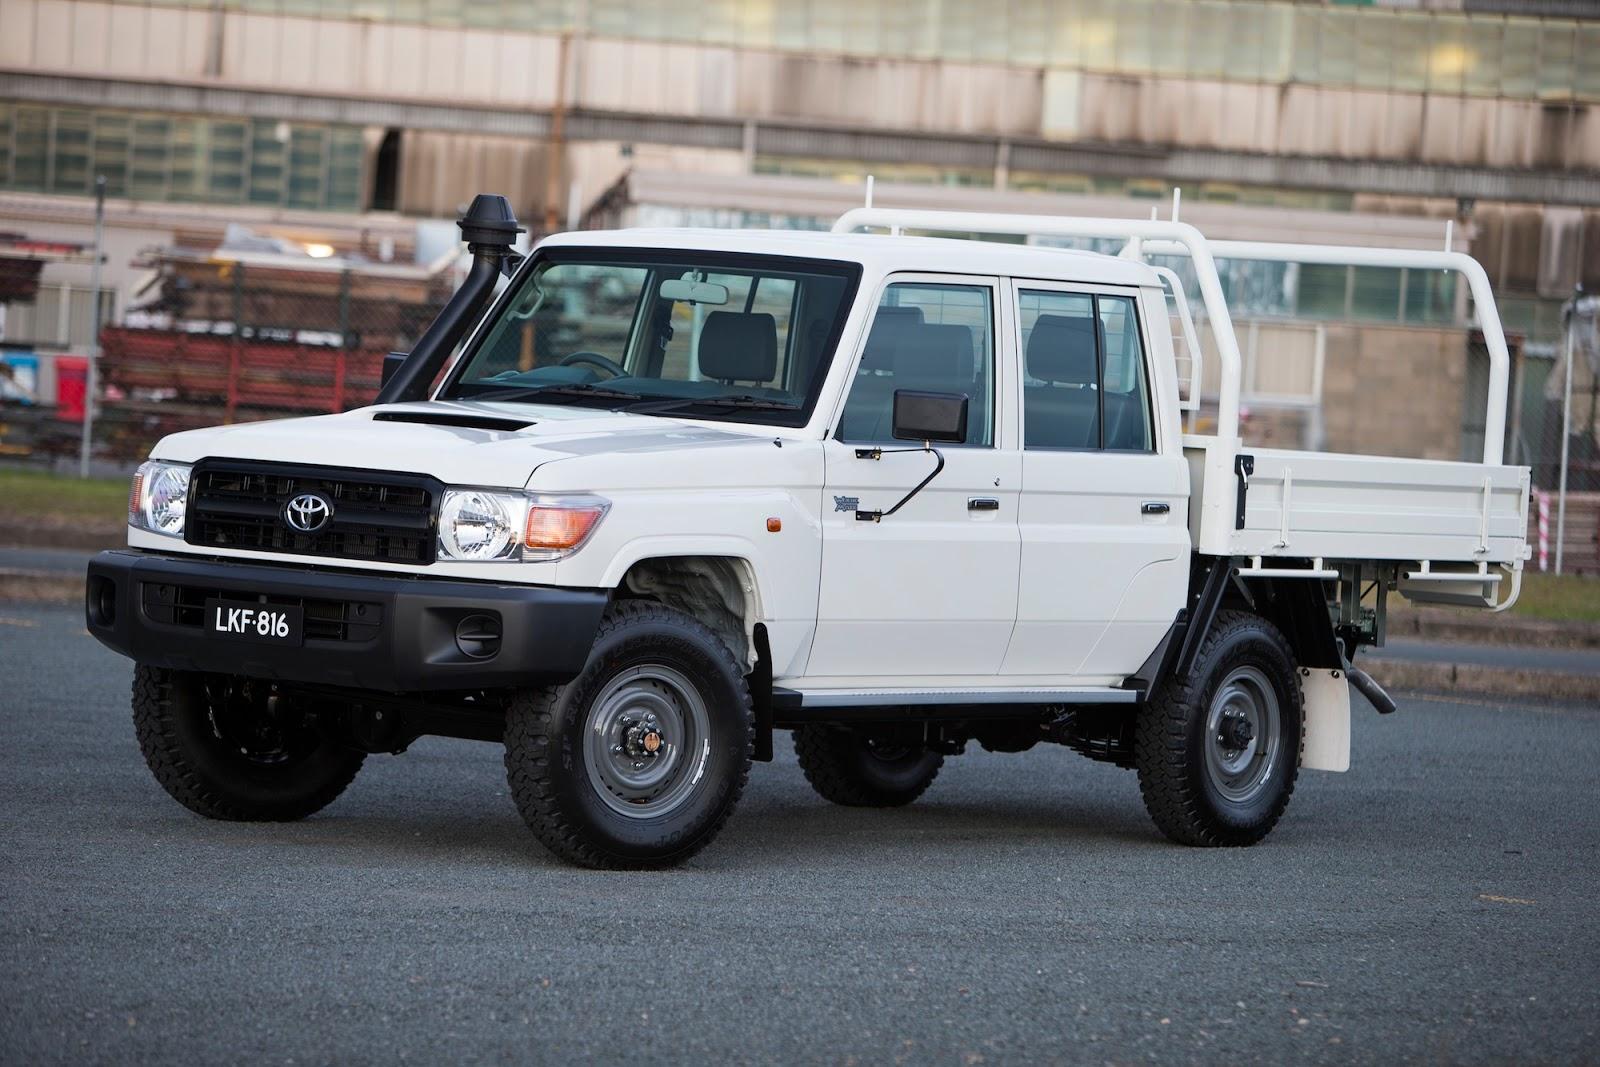 Chúng ta thường thấy những chiếc xe này tại các vùng hoang mạc, khô cằn